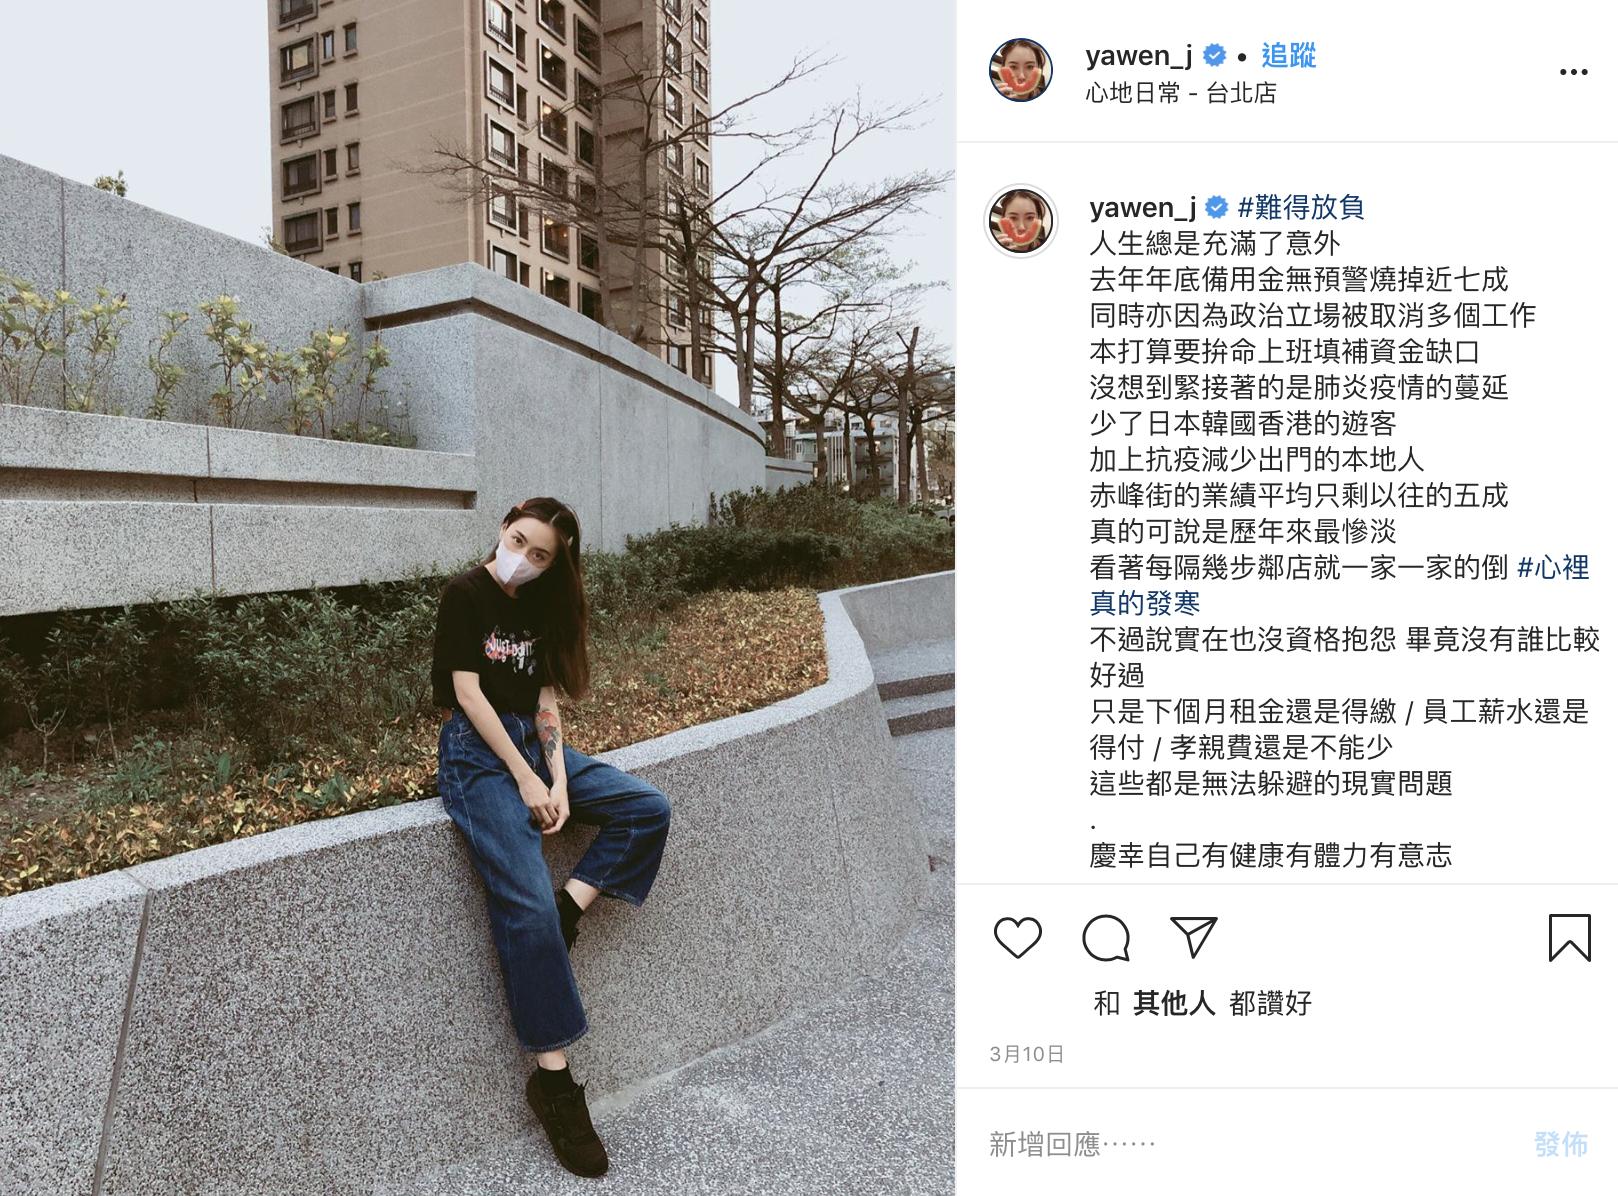 蔣雅文台北食店「心地日常」正式結業:過得還行,勿念!